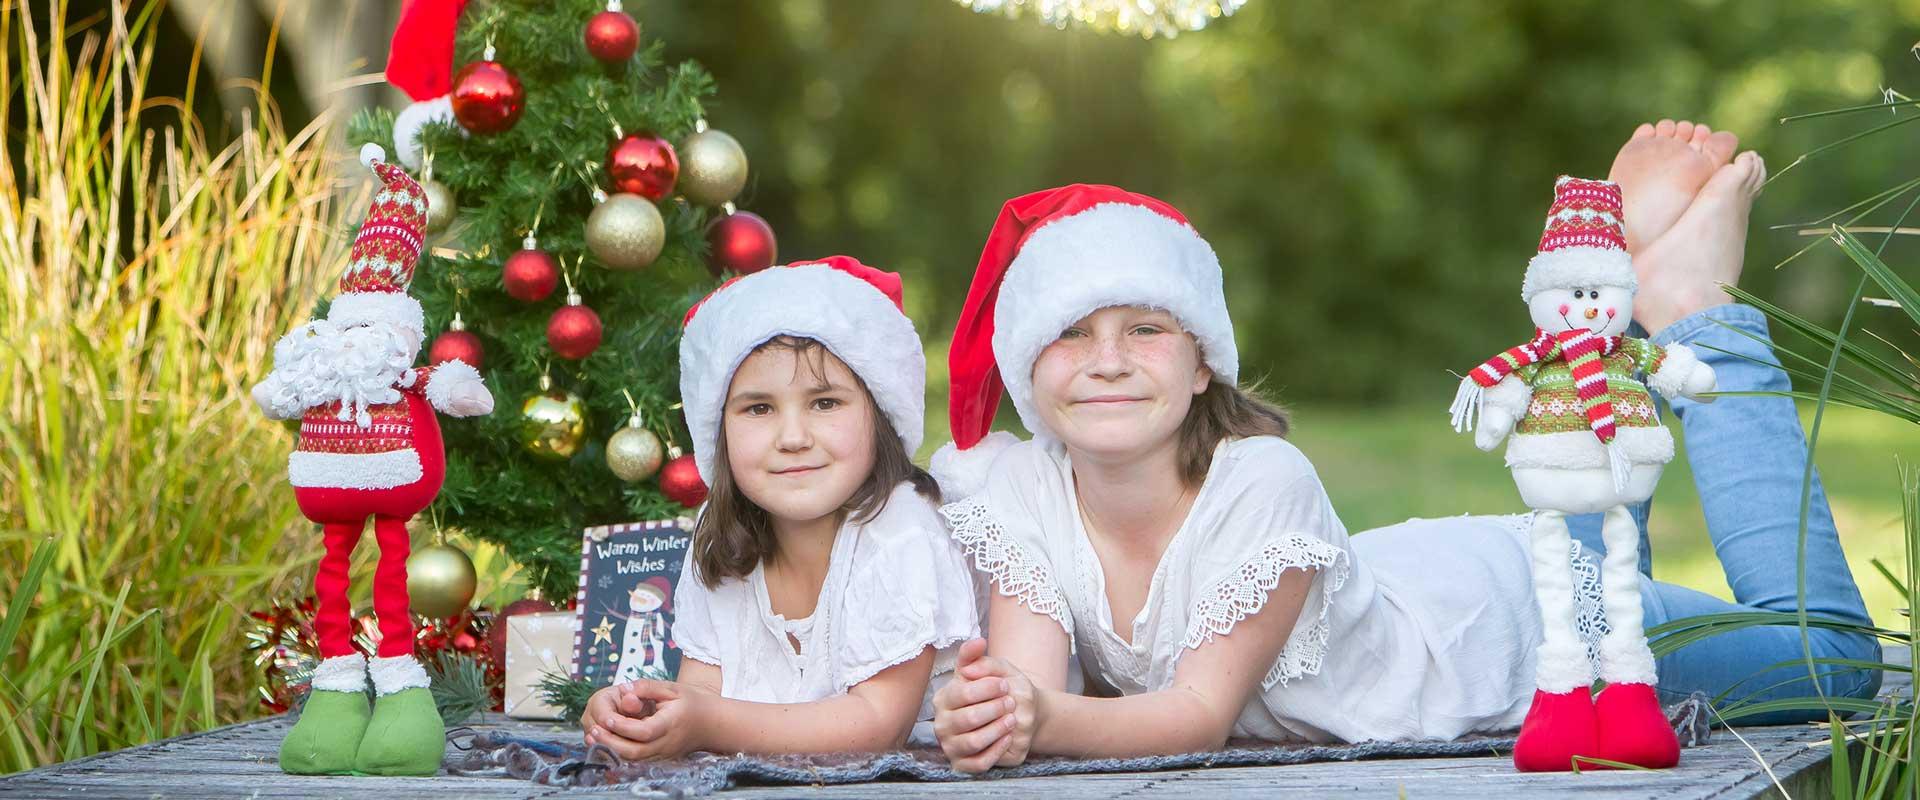 Vom Mythos der weißen Weihnacht